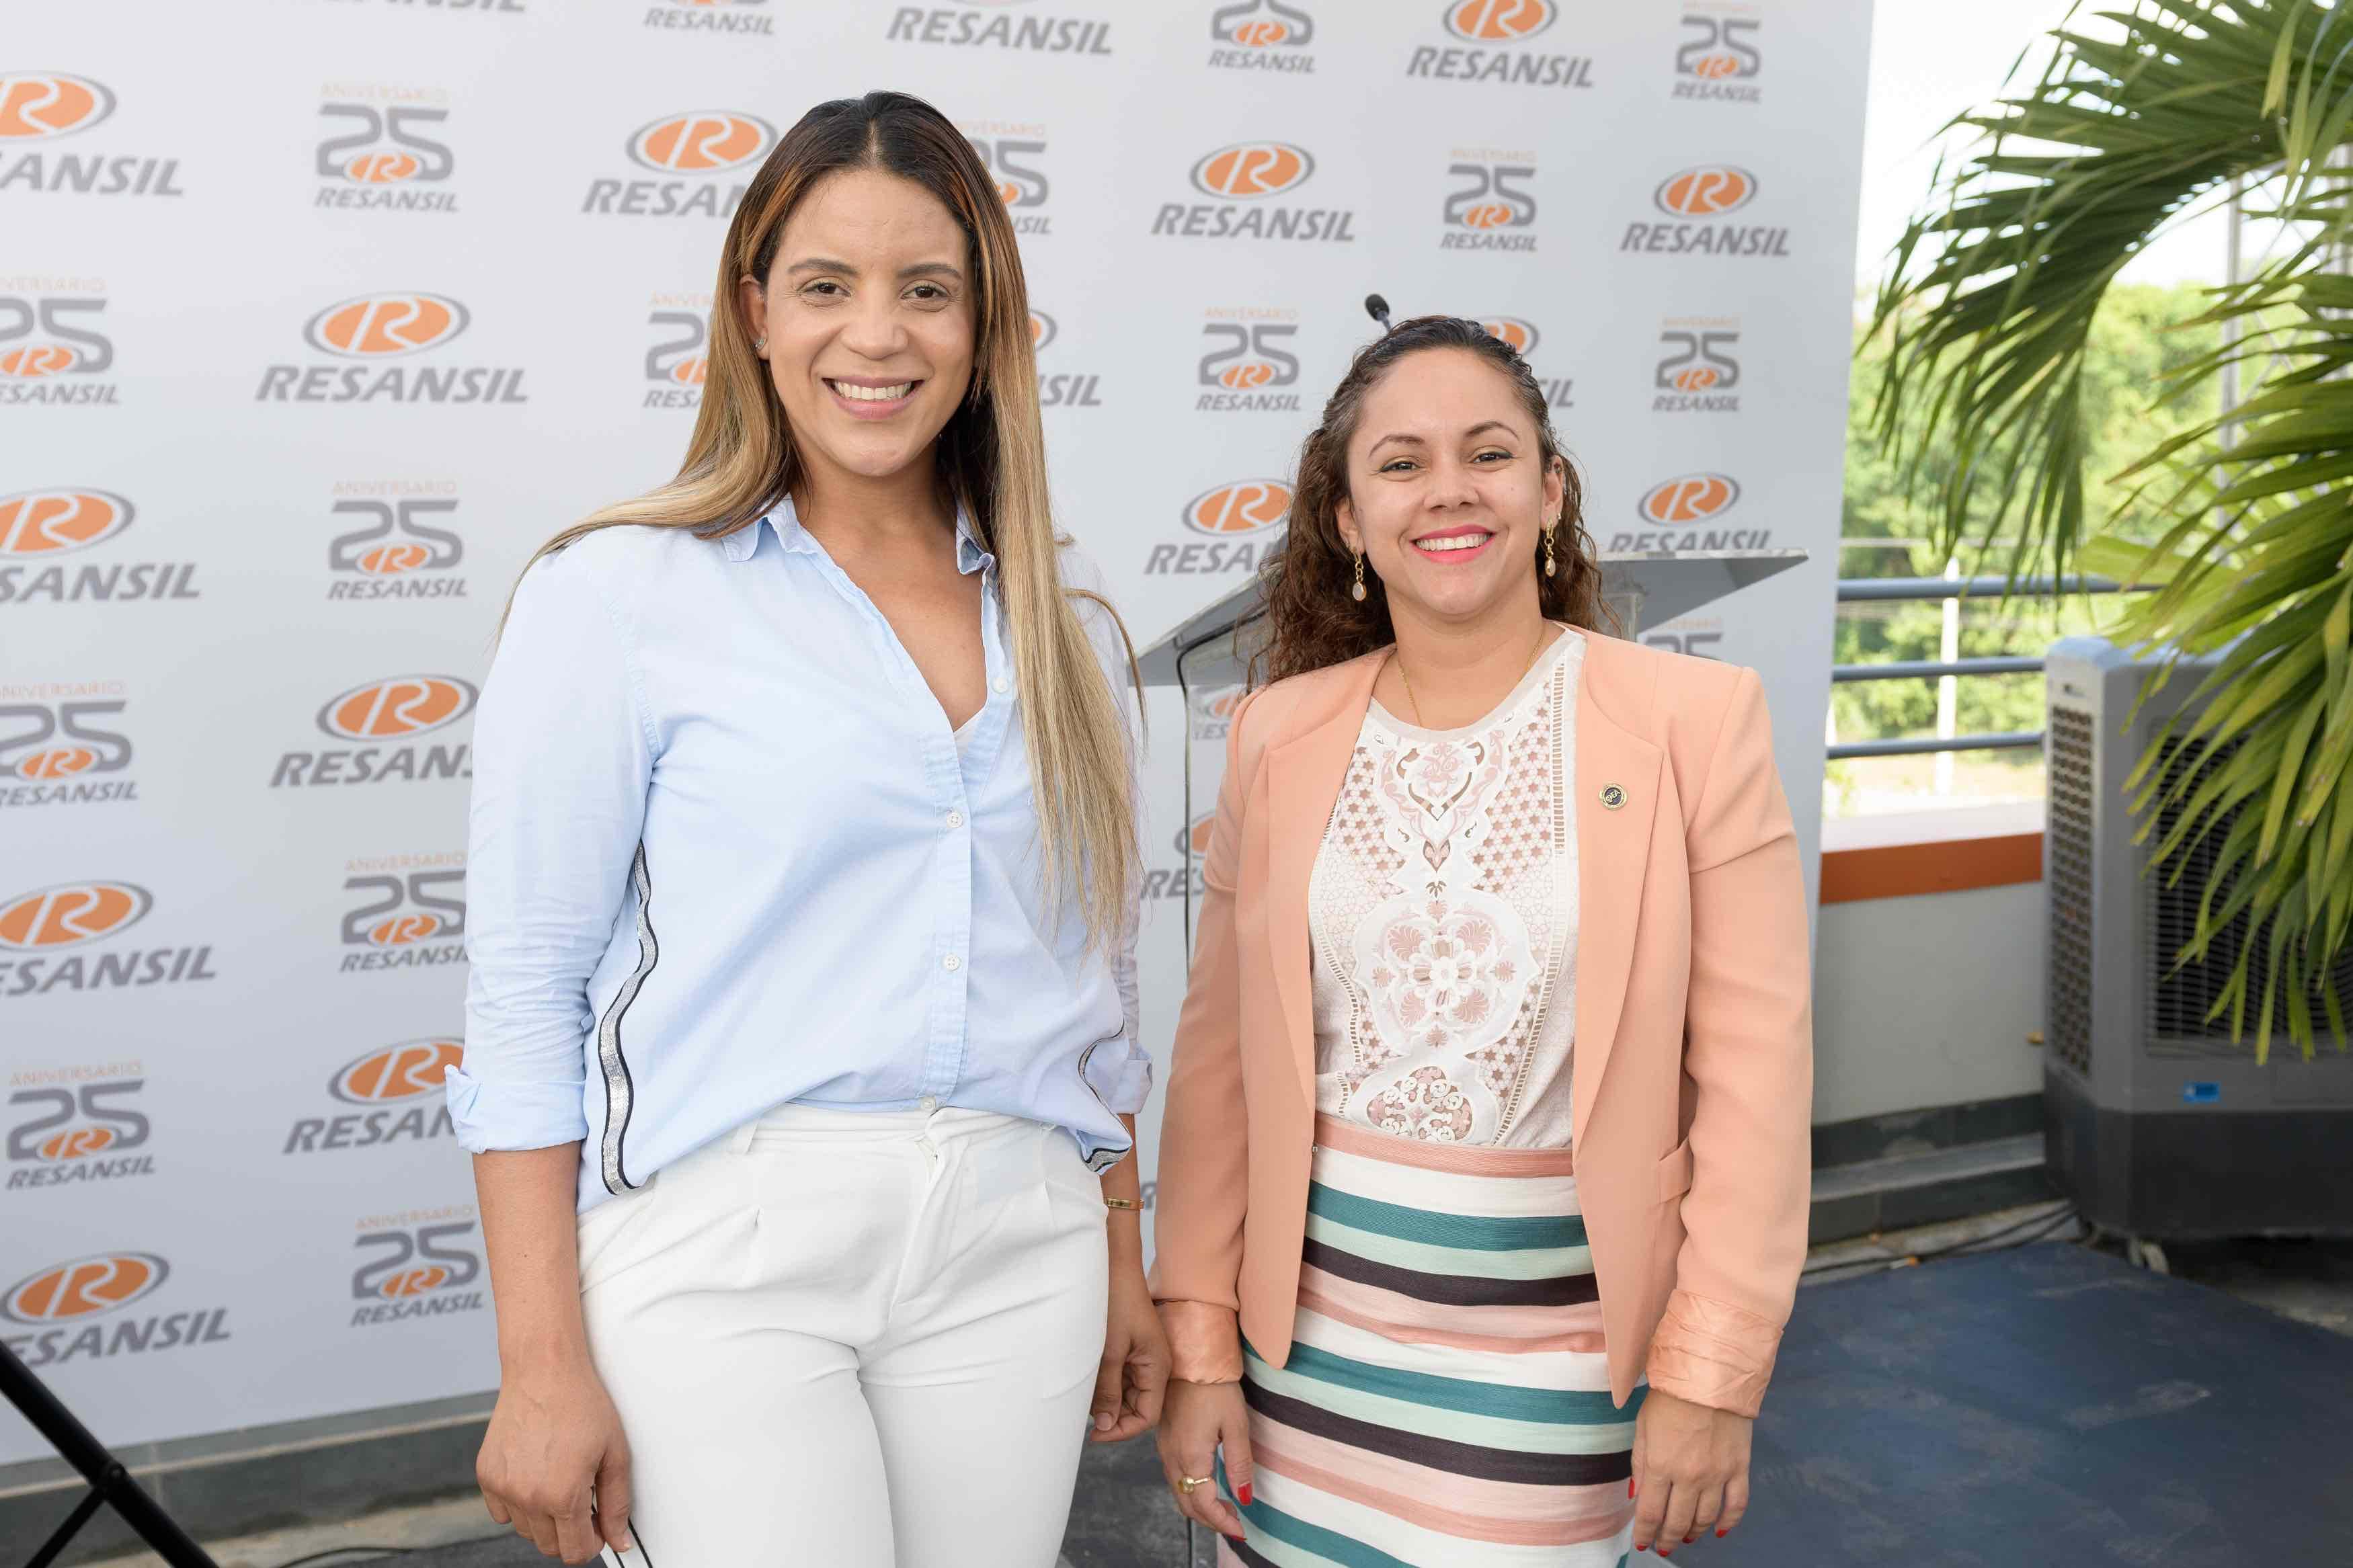 9. Eunice Díaz & Laila Victoria